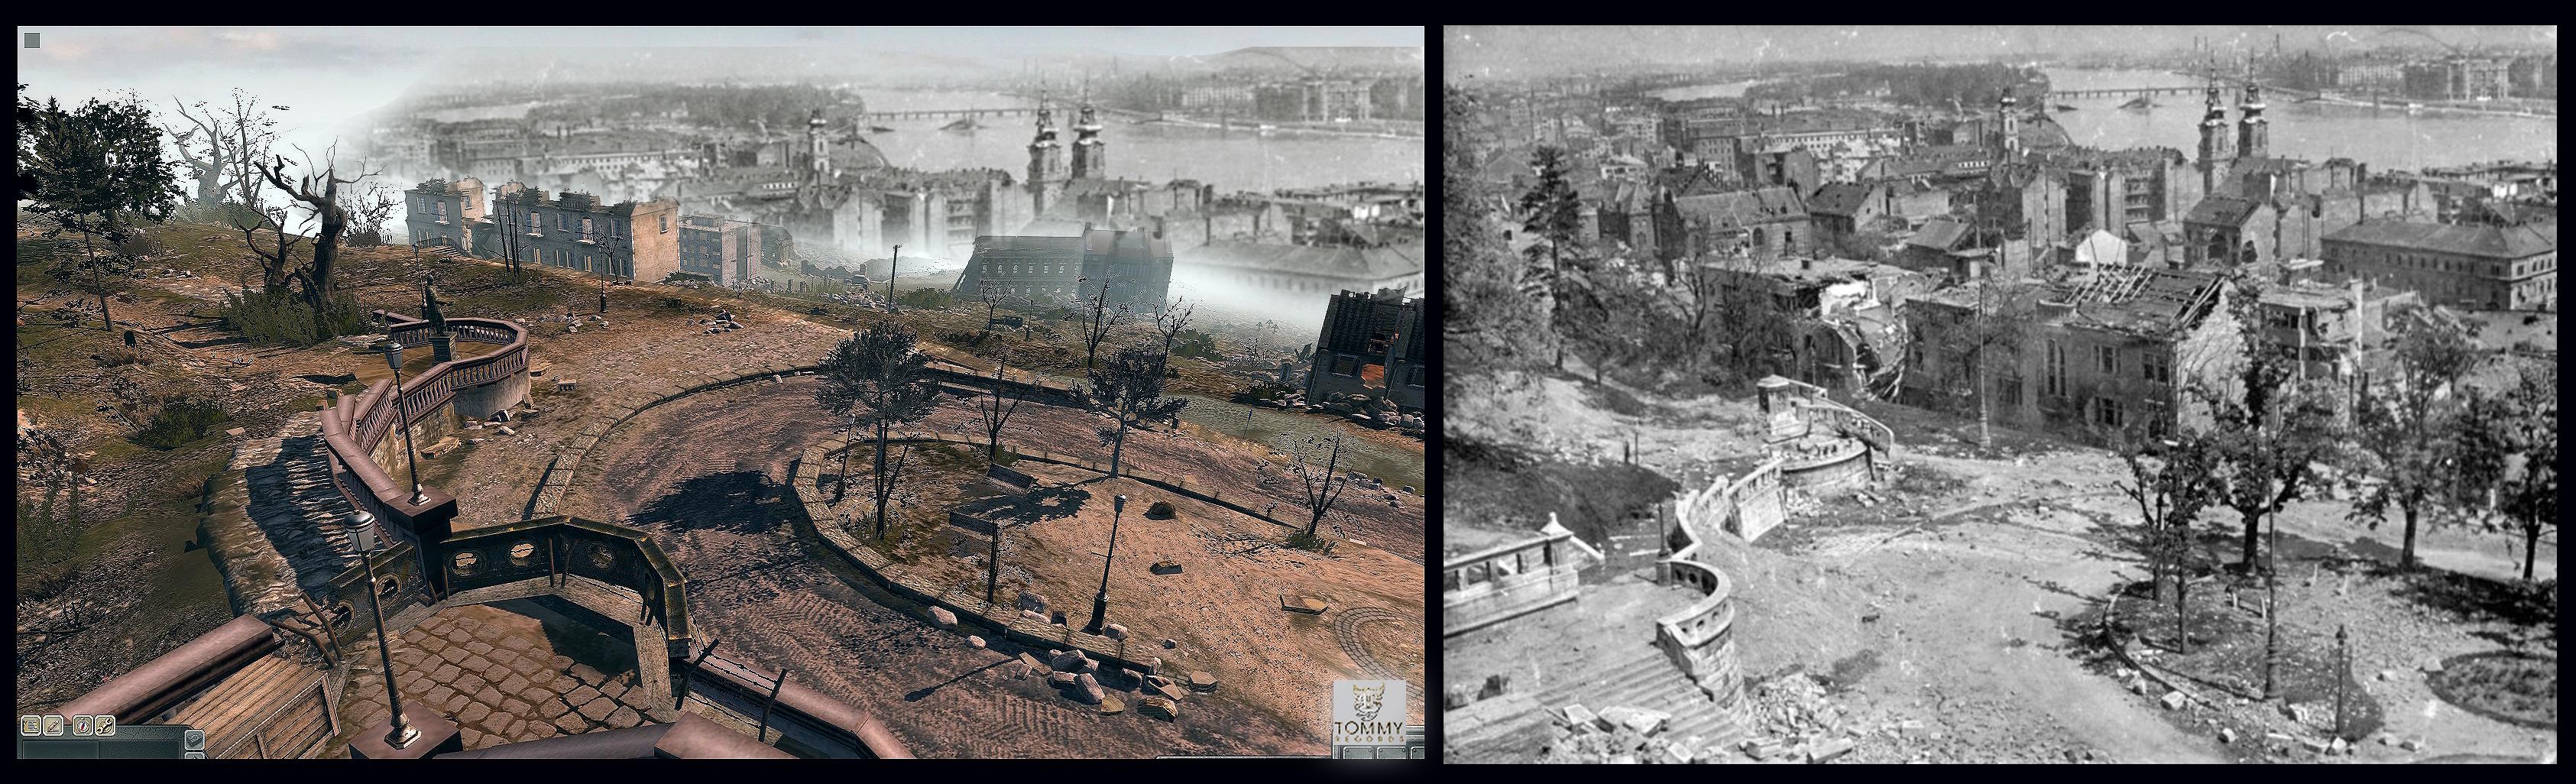 Halász bástya After the siege,